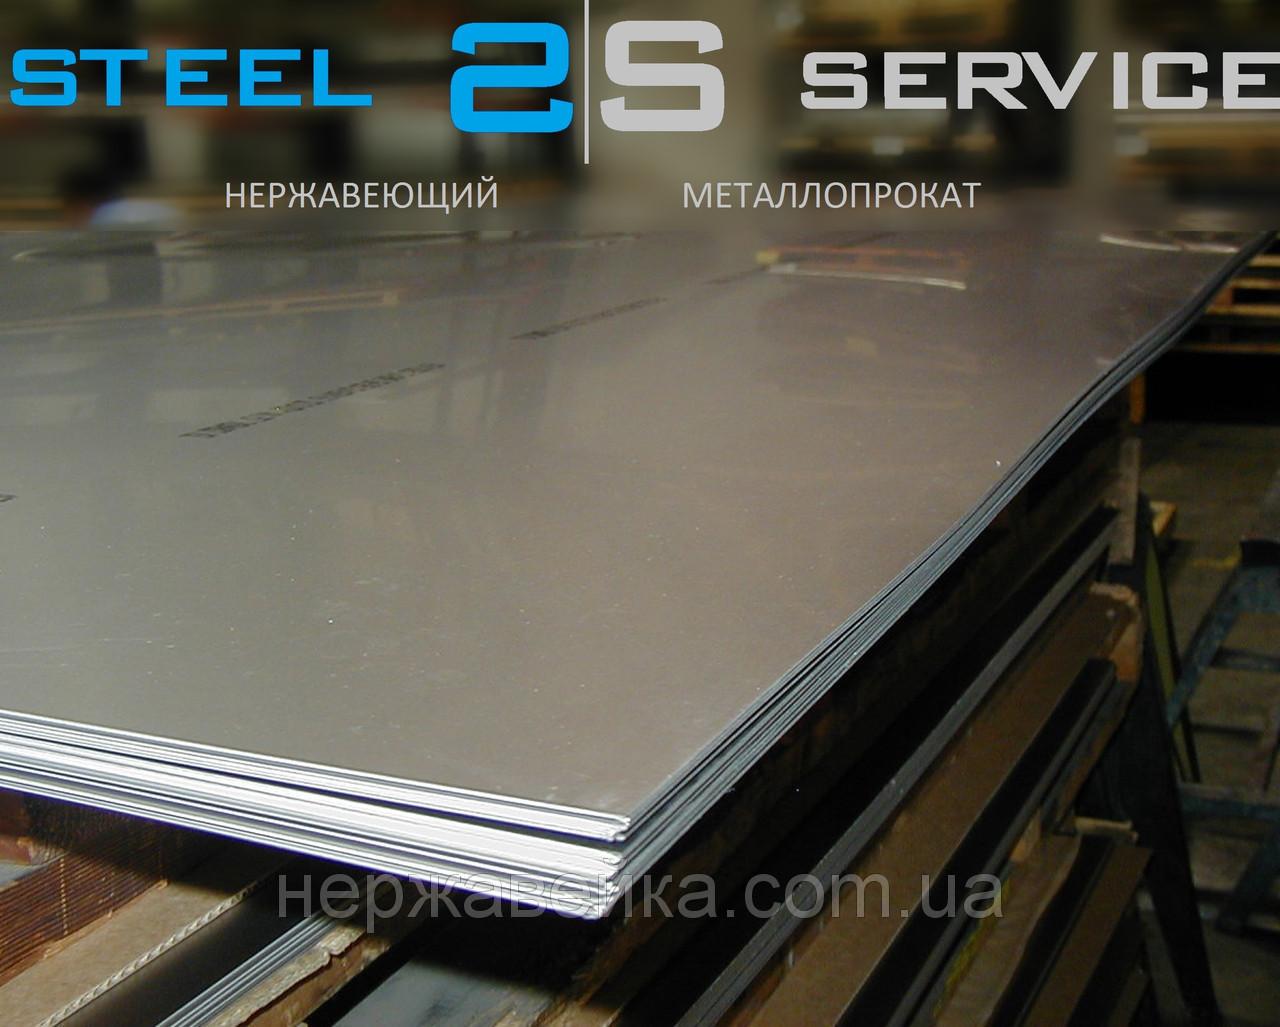 Нержавейка лист 8х1500х6000мм  AISI 309(20Х23Н13, 20Х20Н14С2) F1 - горячекатанный,  жаропрочный